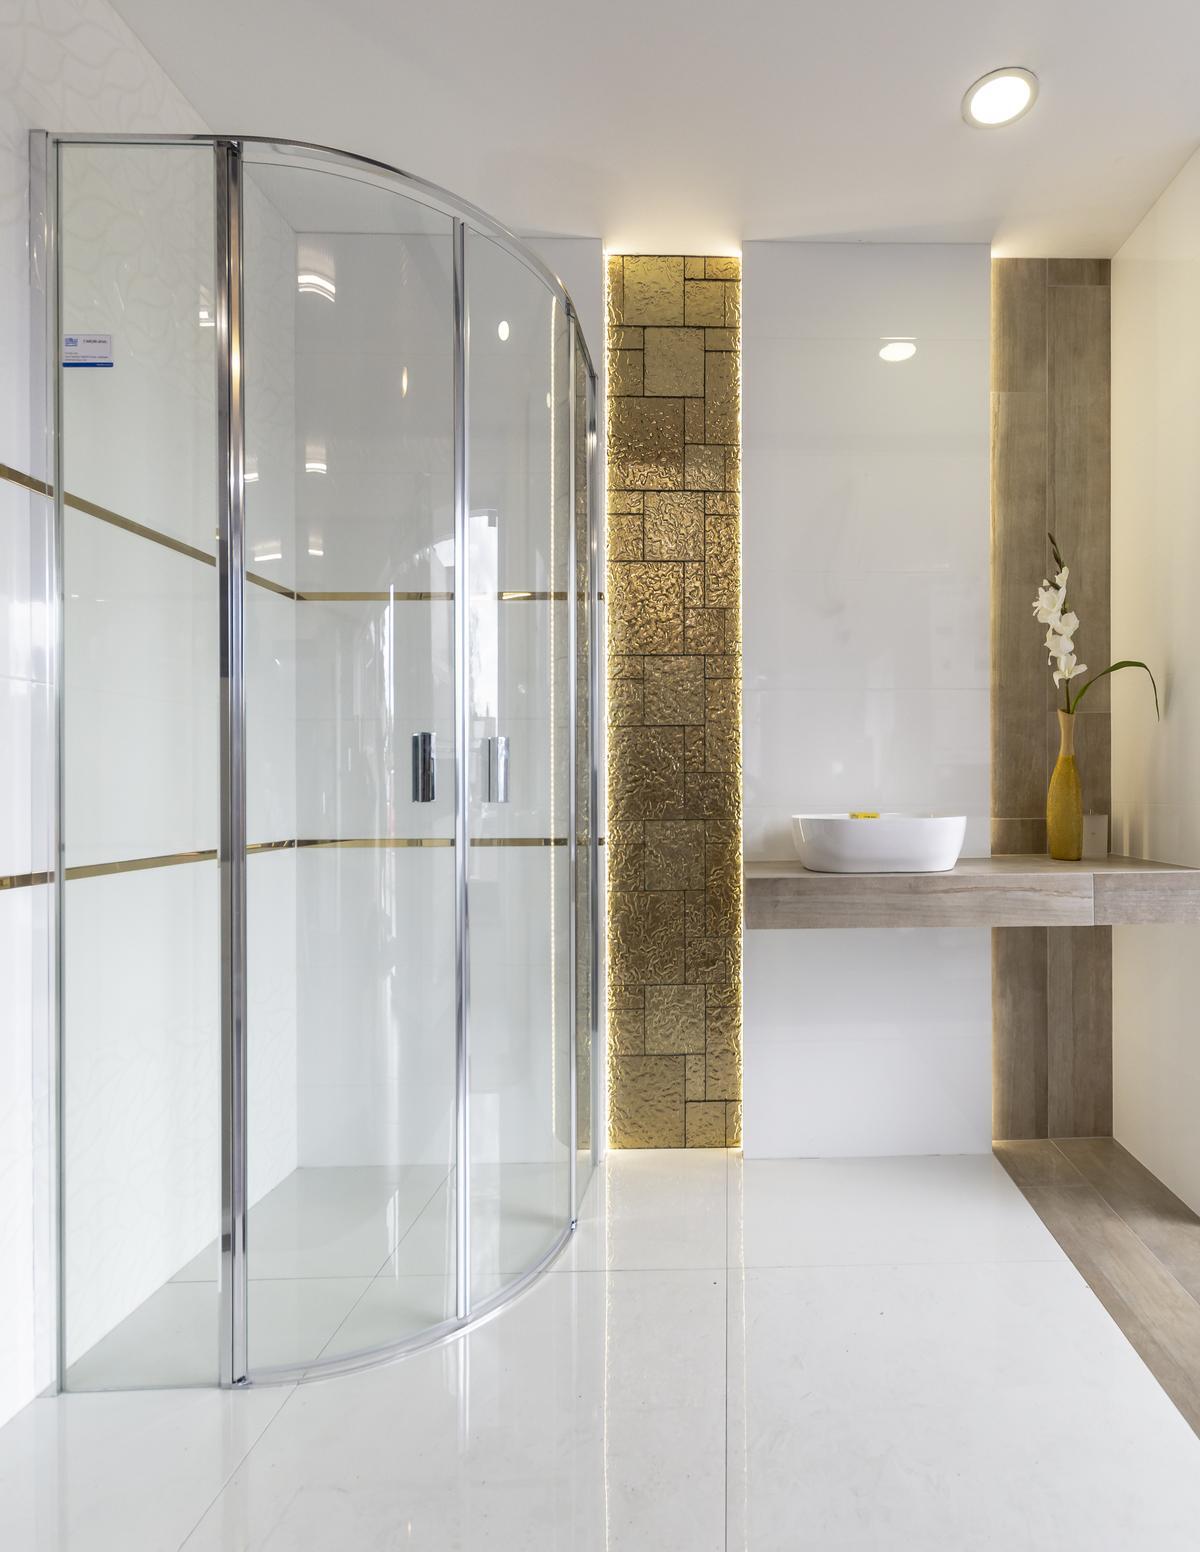 Biała łazienka glamour ze złotymi akcentami mozaiki Midas - zdjęcie od BLU salon łazienek Biała Podlaska